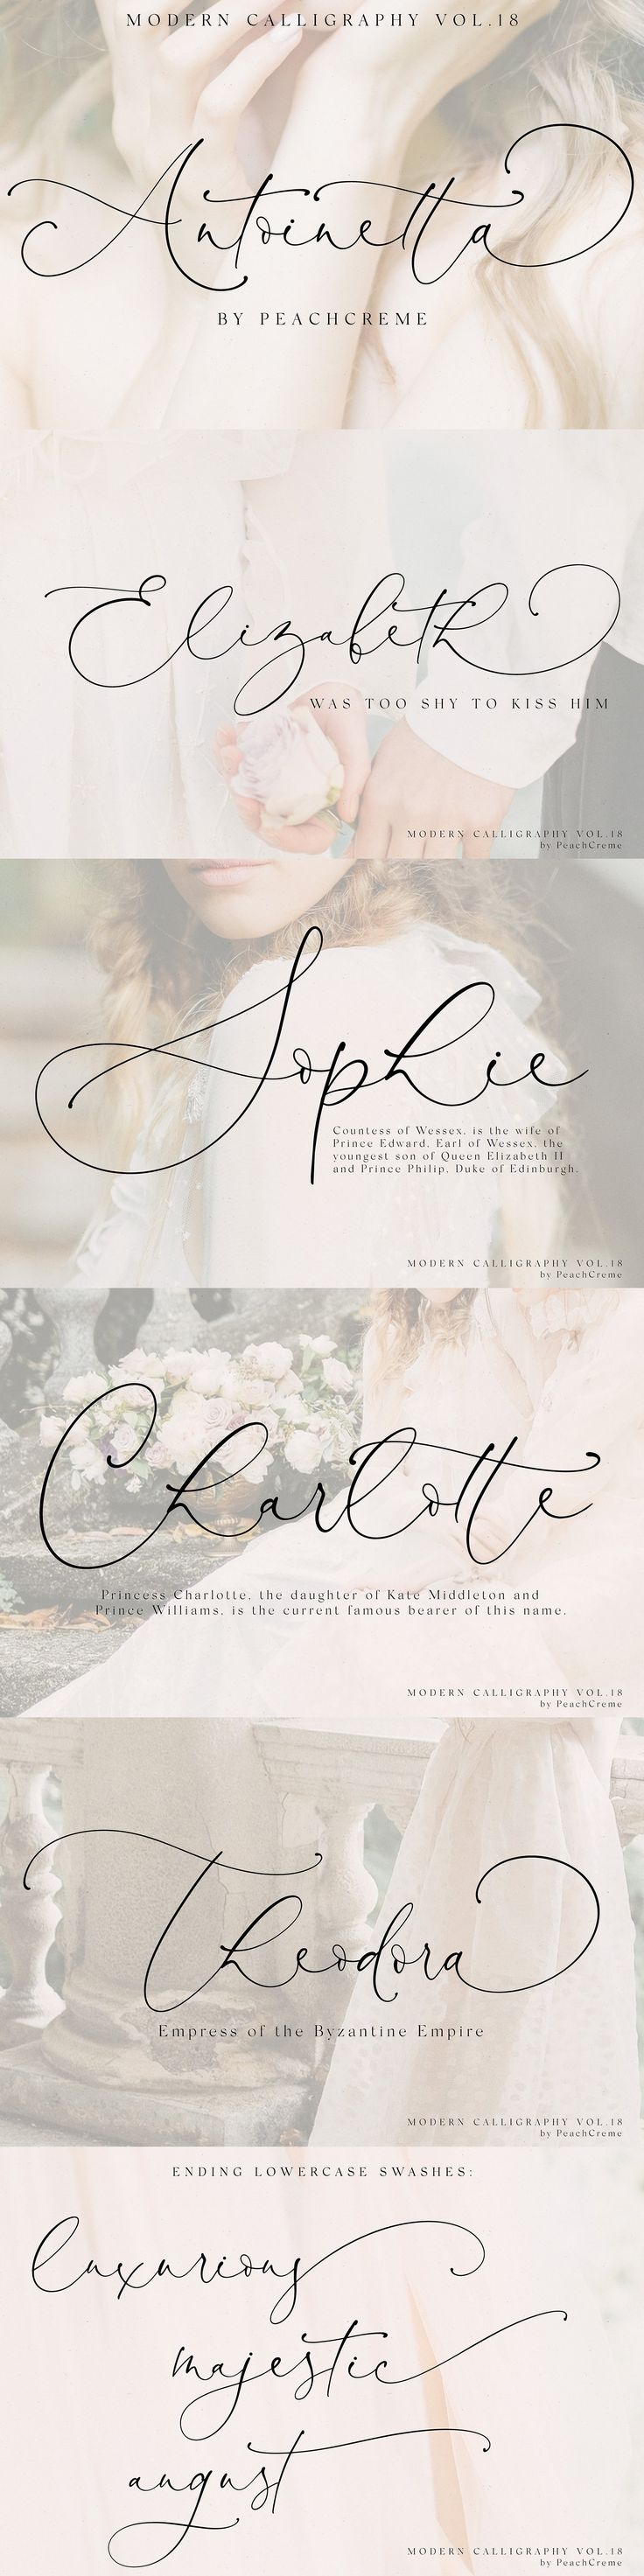 Antoinette // Moderne Kalligraphie №18 von PeachCreme auf Creative Market